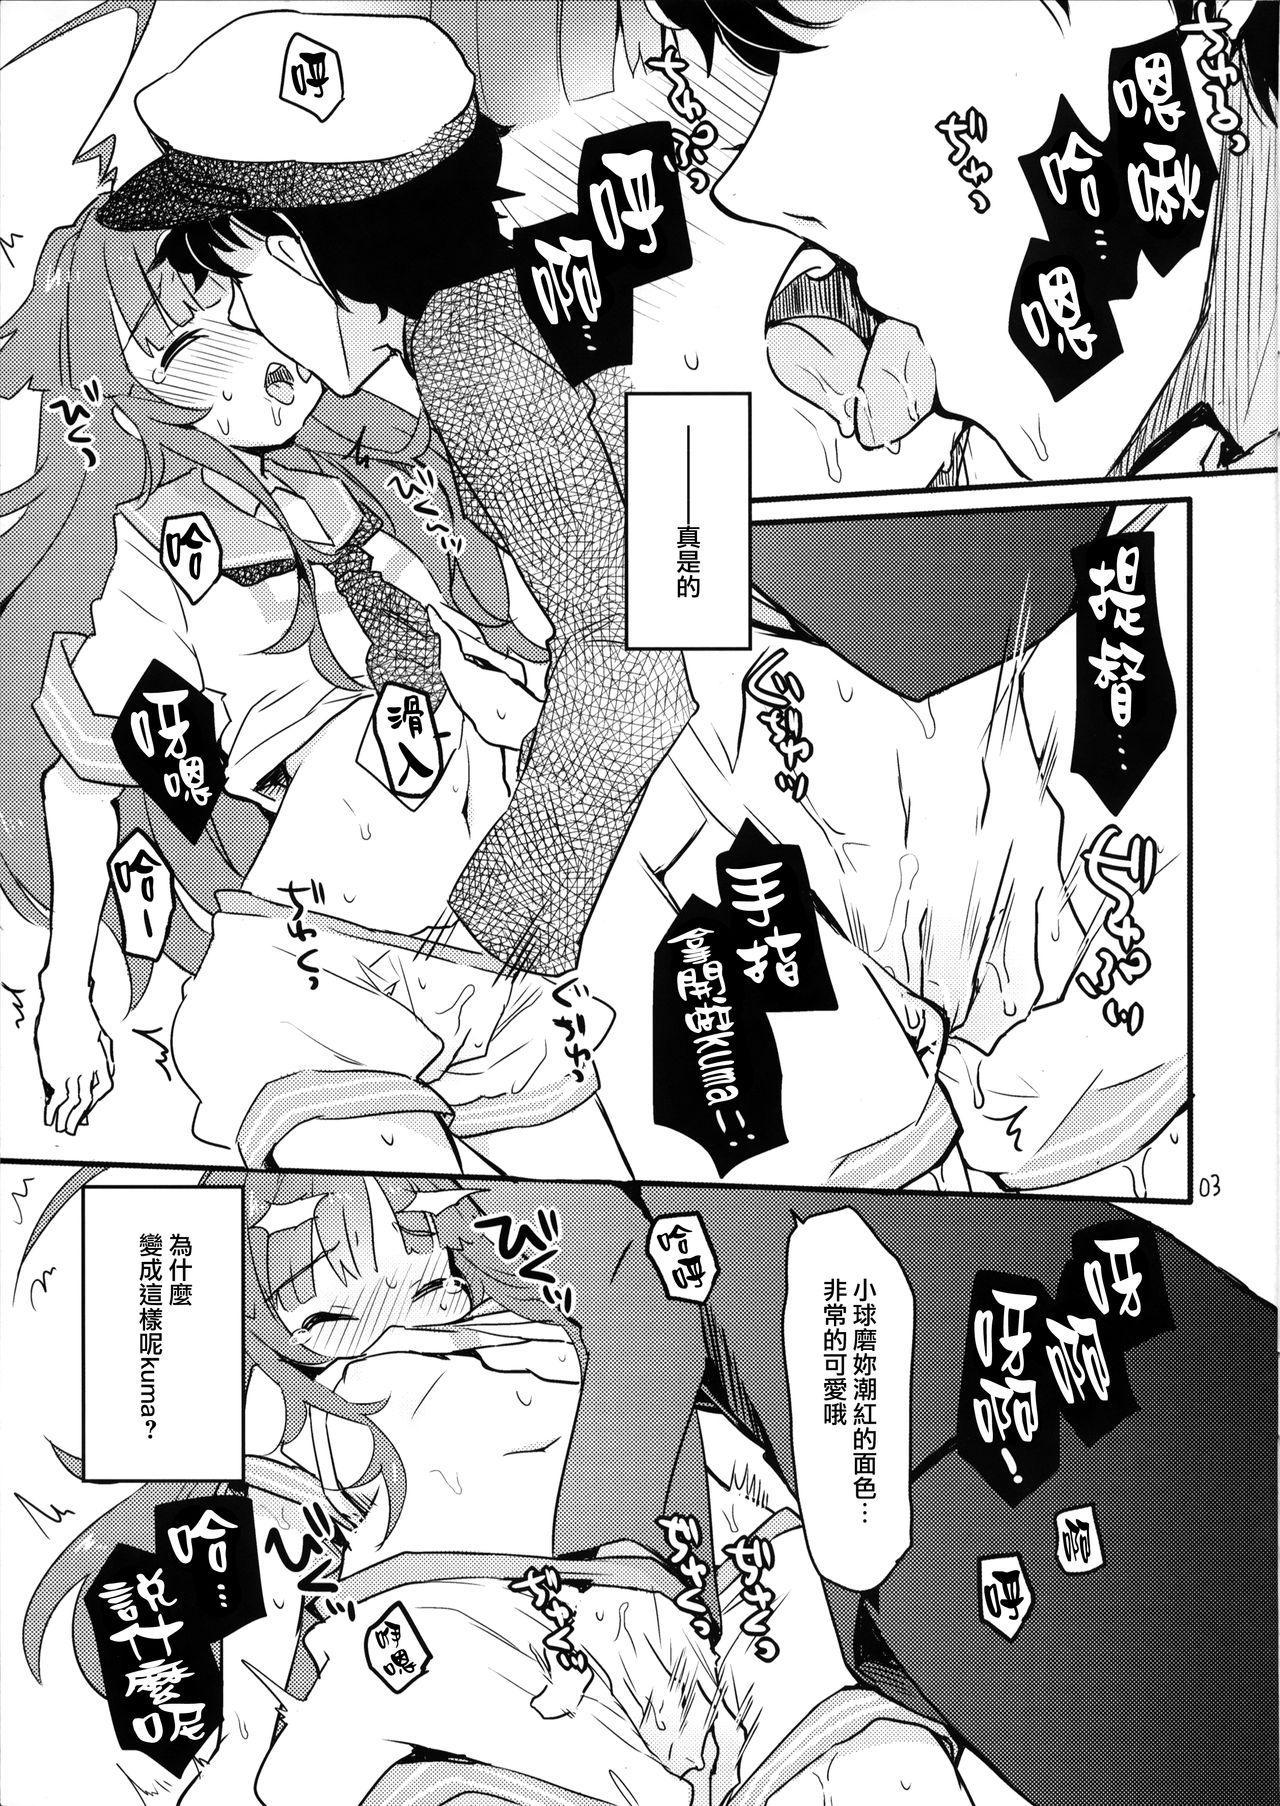 Boku no Kawaii Kuma-chan ga 2